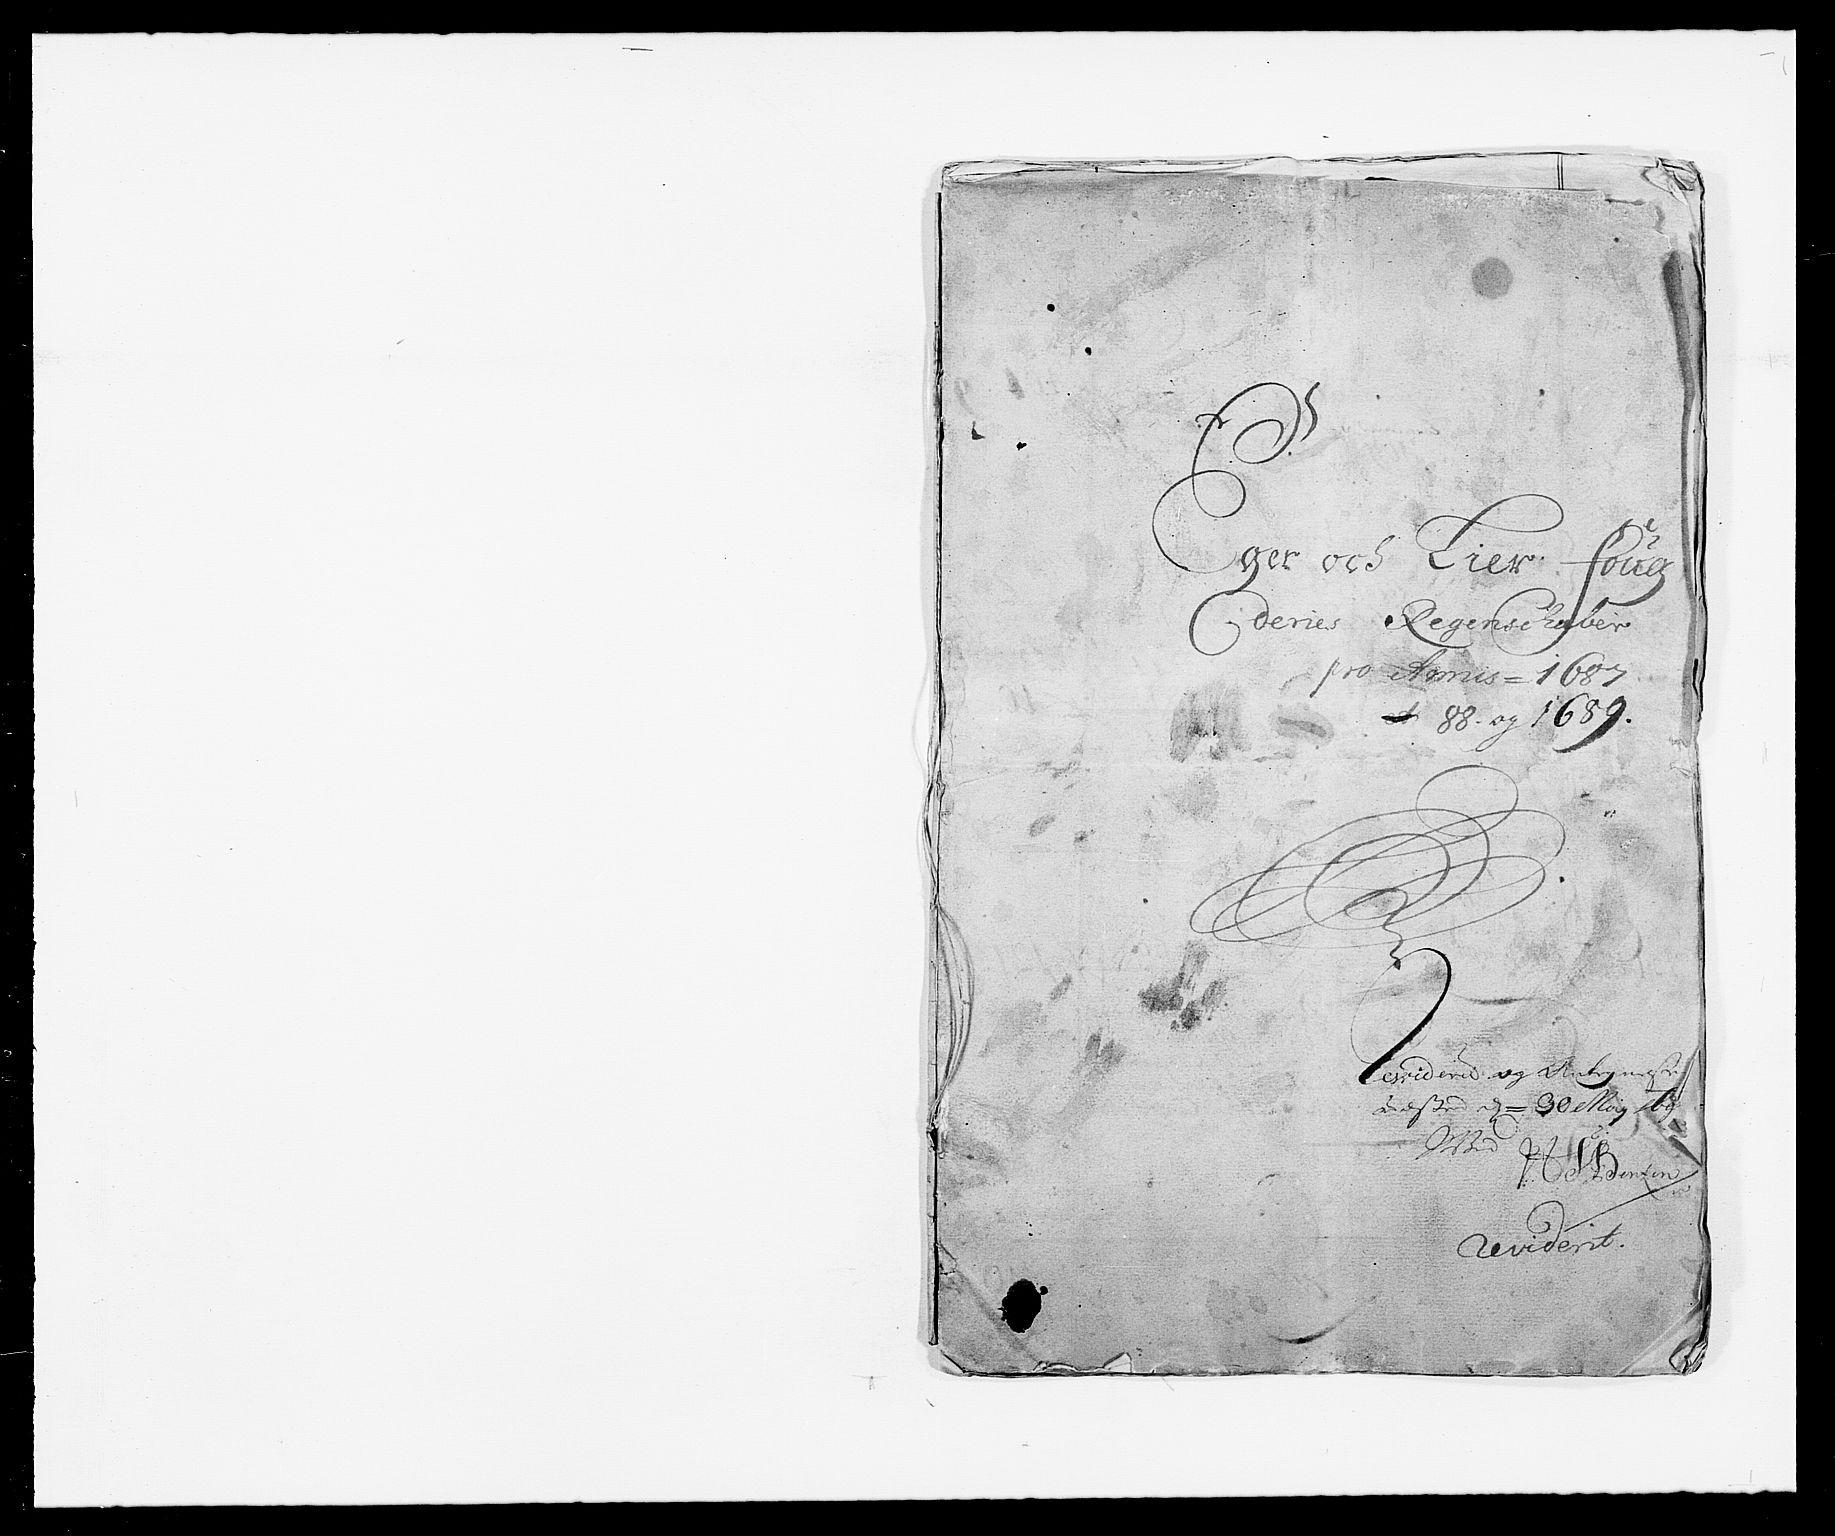 RA, Rentekammeret inntil 1814, Reviderte regnskaper, Fogderegnskap, R28/L1688: Fogderegnskap Eiker og Lier, 1687-1689, s. 2